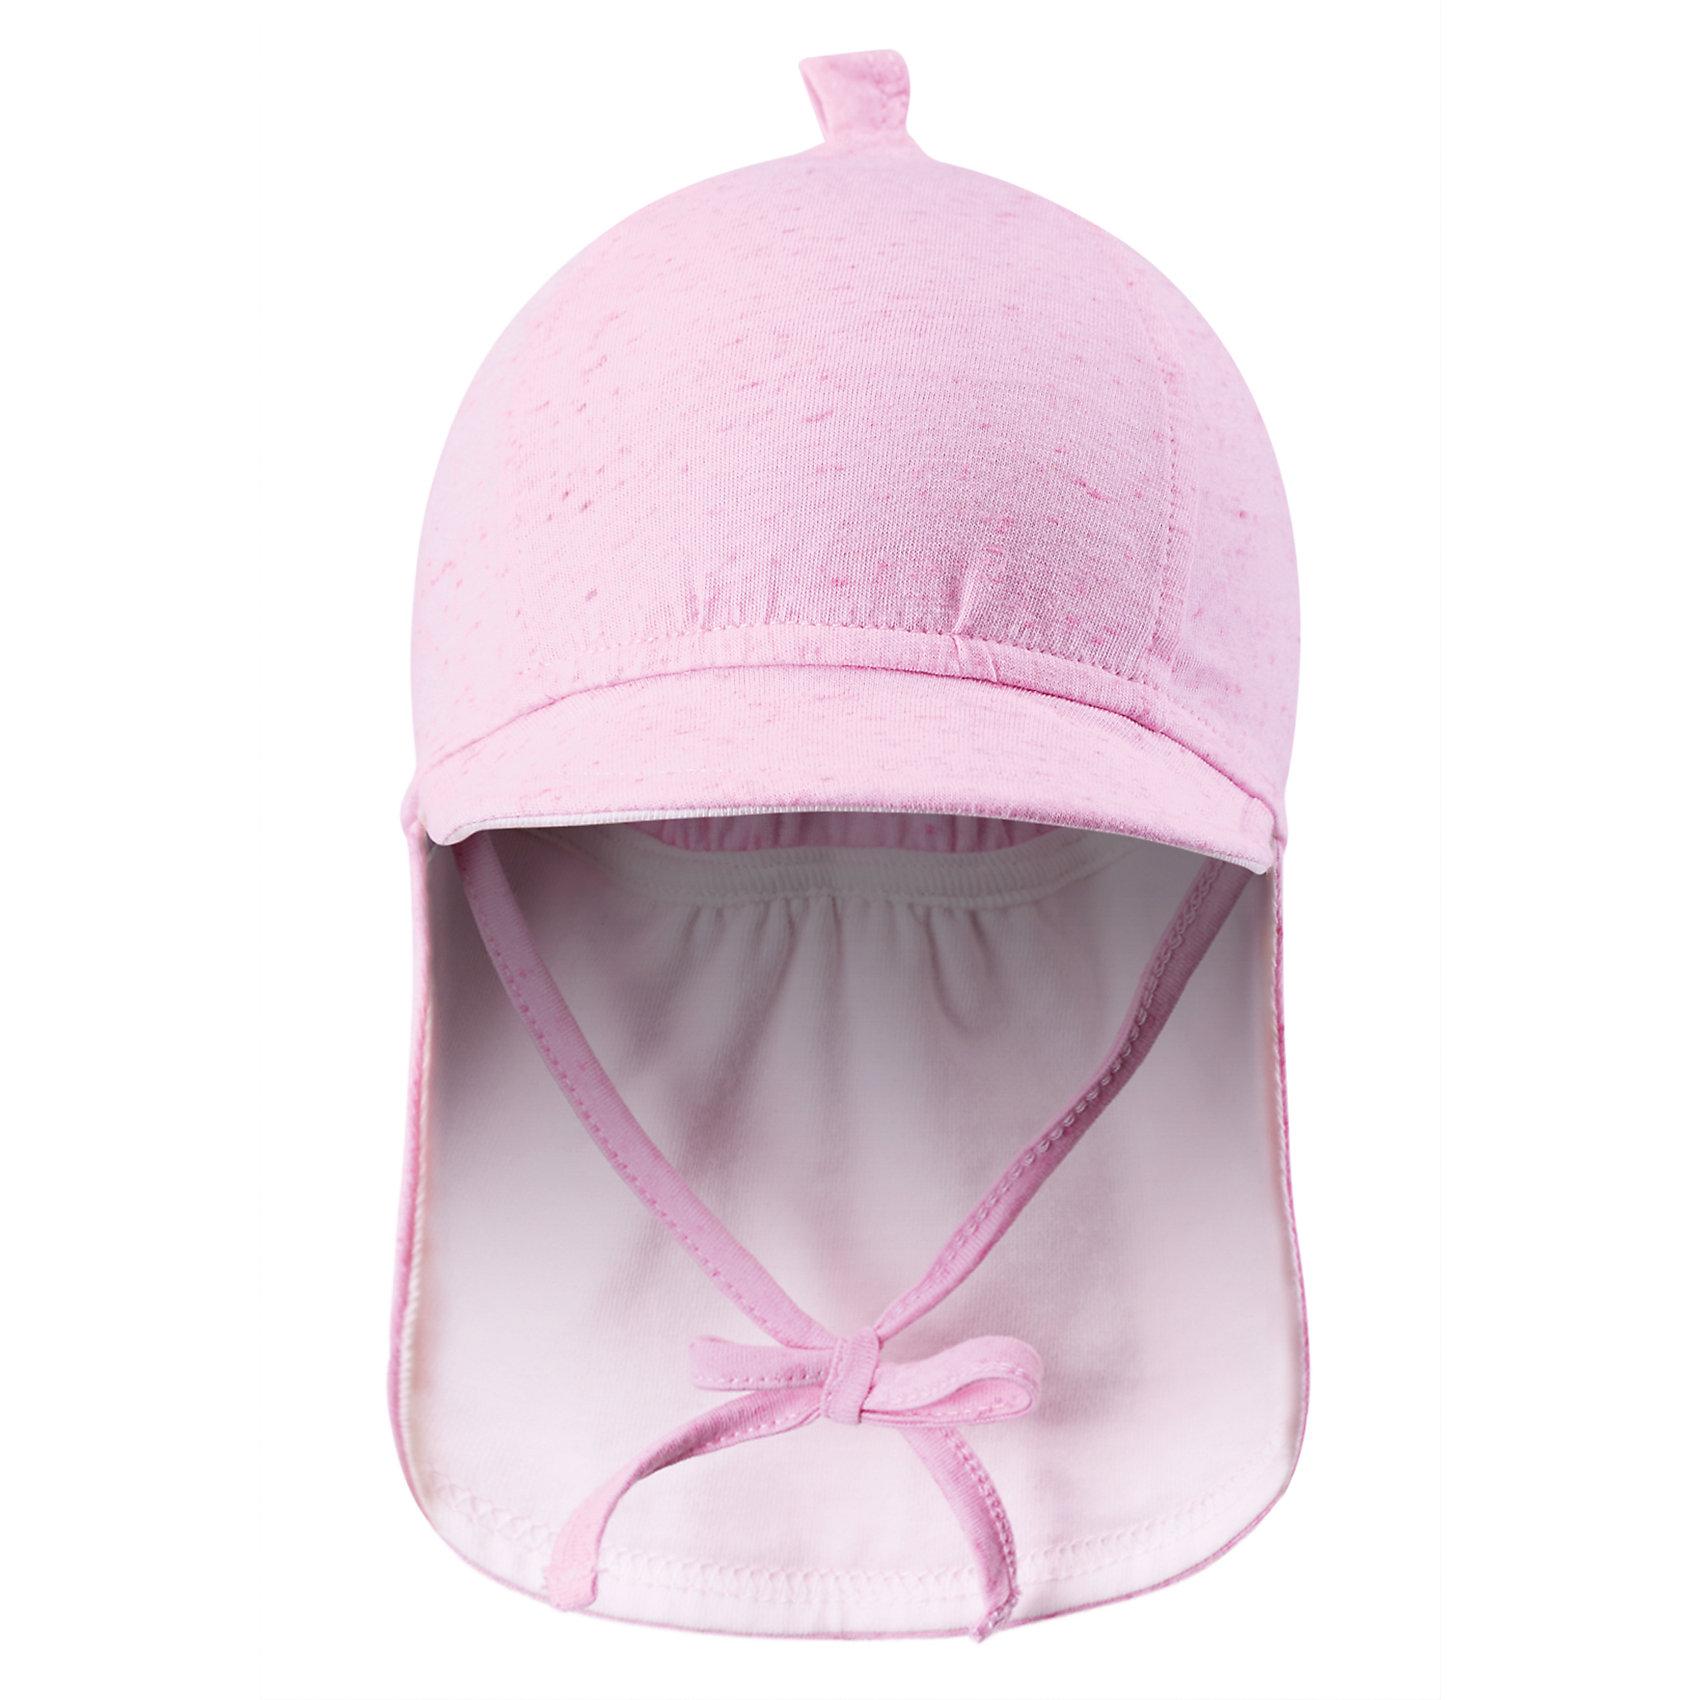 Шапка для девочки ReimaСимпатичная шляпа – прекрасный компаньон для активного малыша в летний период! Сделанная из воздушного джерси, эластичная шляпа - мягкая и приятная на ощупь. Козырек спереди и широкие поля сзади защитят нежную кожу ребенка от солнца.<br><br>Дополнительная информация:<br><br>Модная панама для новорожденных малышей<br>Удлиненное поле сзади защищает шею<br>Козырек спереди защищает глаза от солнца<br><br>Шапку  Reima (Рейма) можно купить в нашем магазине.<br><br>Ширина мм: 89<br>Глубина мм: 117<br>Высота мм: 44<br>Вес г: 155<br>Цвет: розовый<br>Возраст от месяцев: 1<br>Возраст до месяцев: 2<br>Пол: Женский<br>Возраст: Детский<br>Размер: 40,44<br>SKU: 4566069